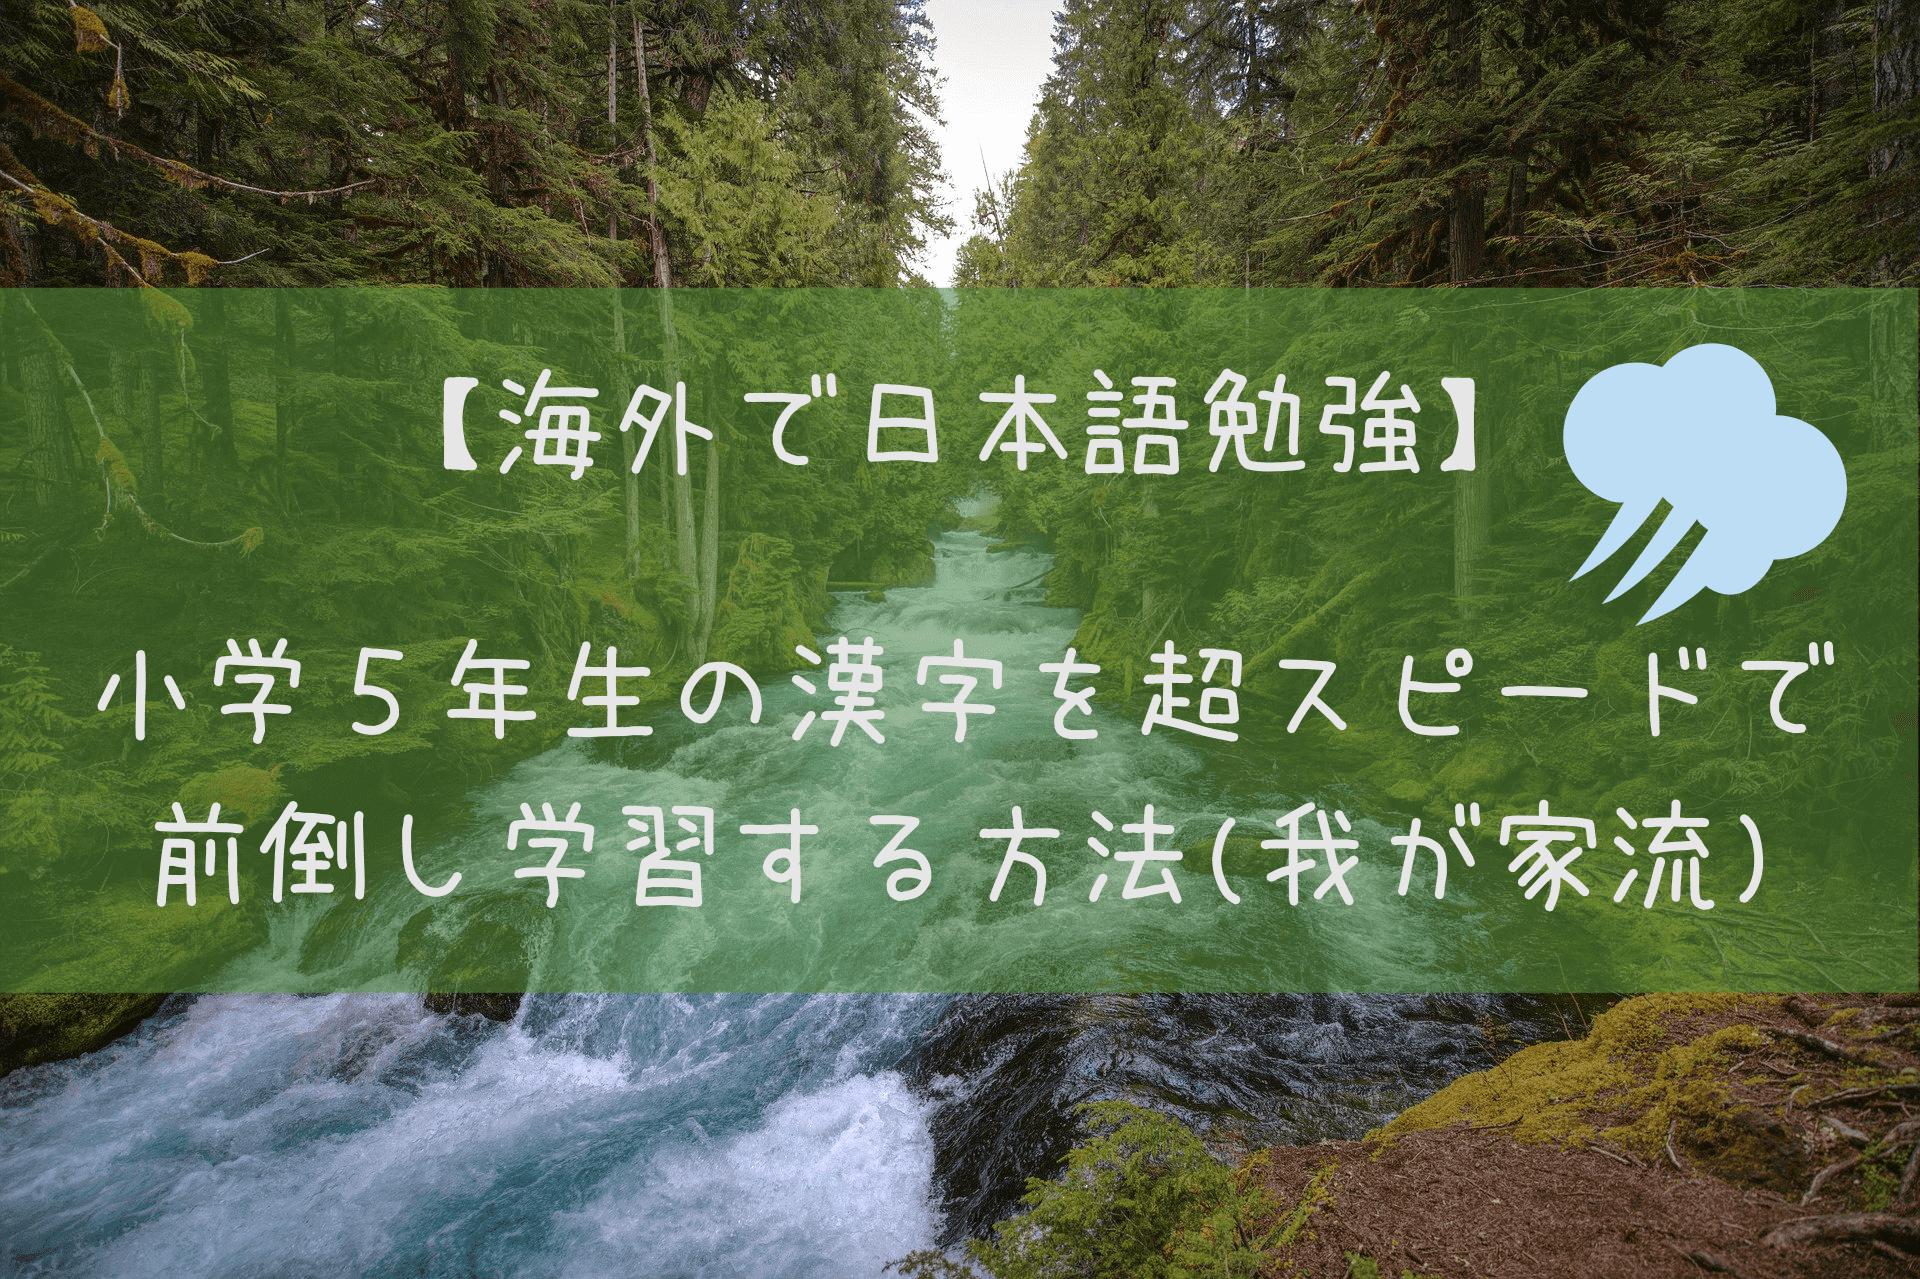 【海外で日本語勉強】 小学5年生の漢字を超スピードで 前倒し学習する方法(我が家流)